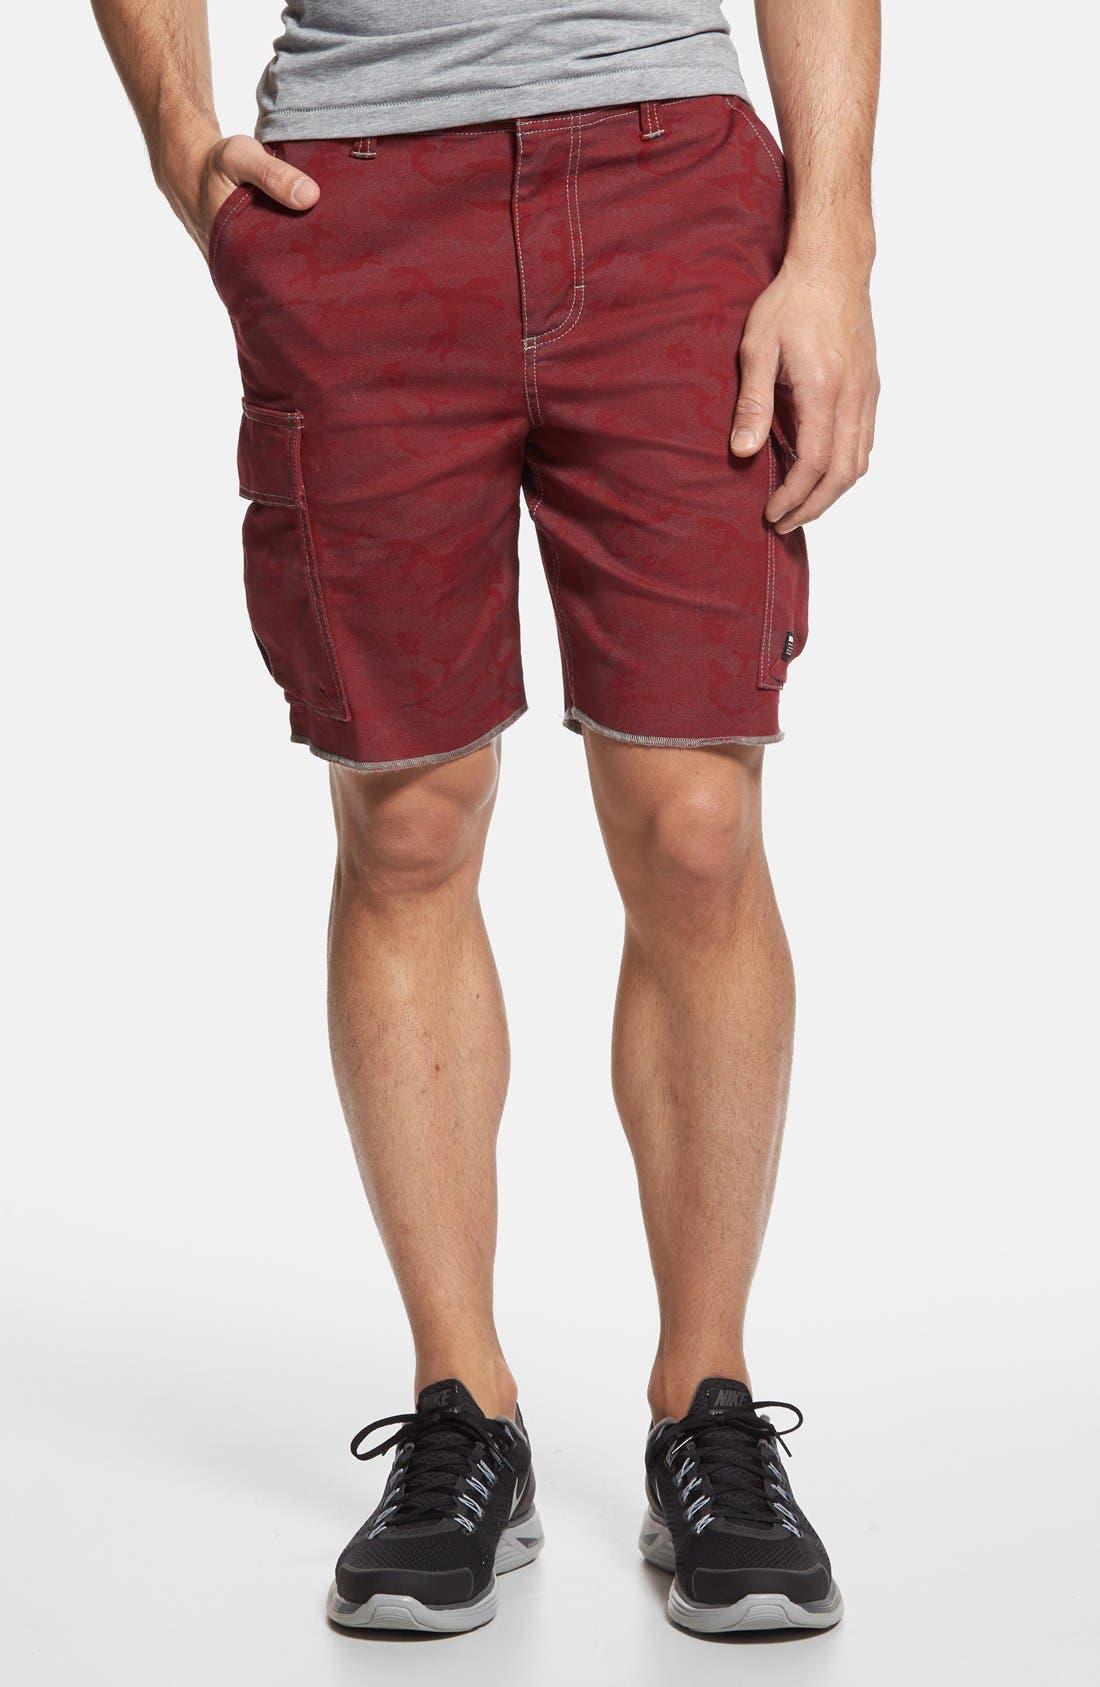 Alternate Image 1 Selected - Nike SB 'Hawthorne' Camo Cargo Shorts